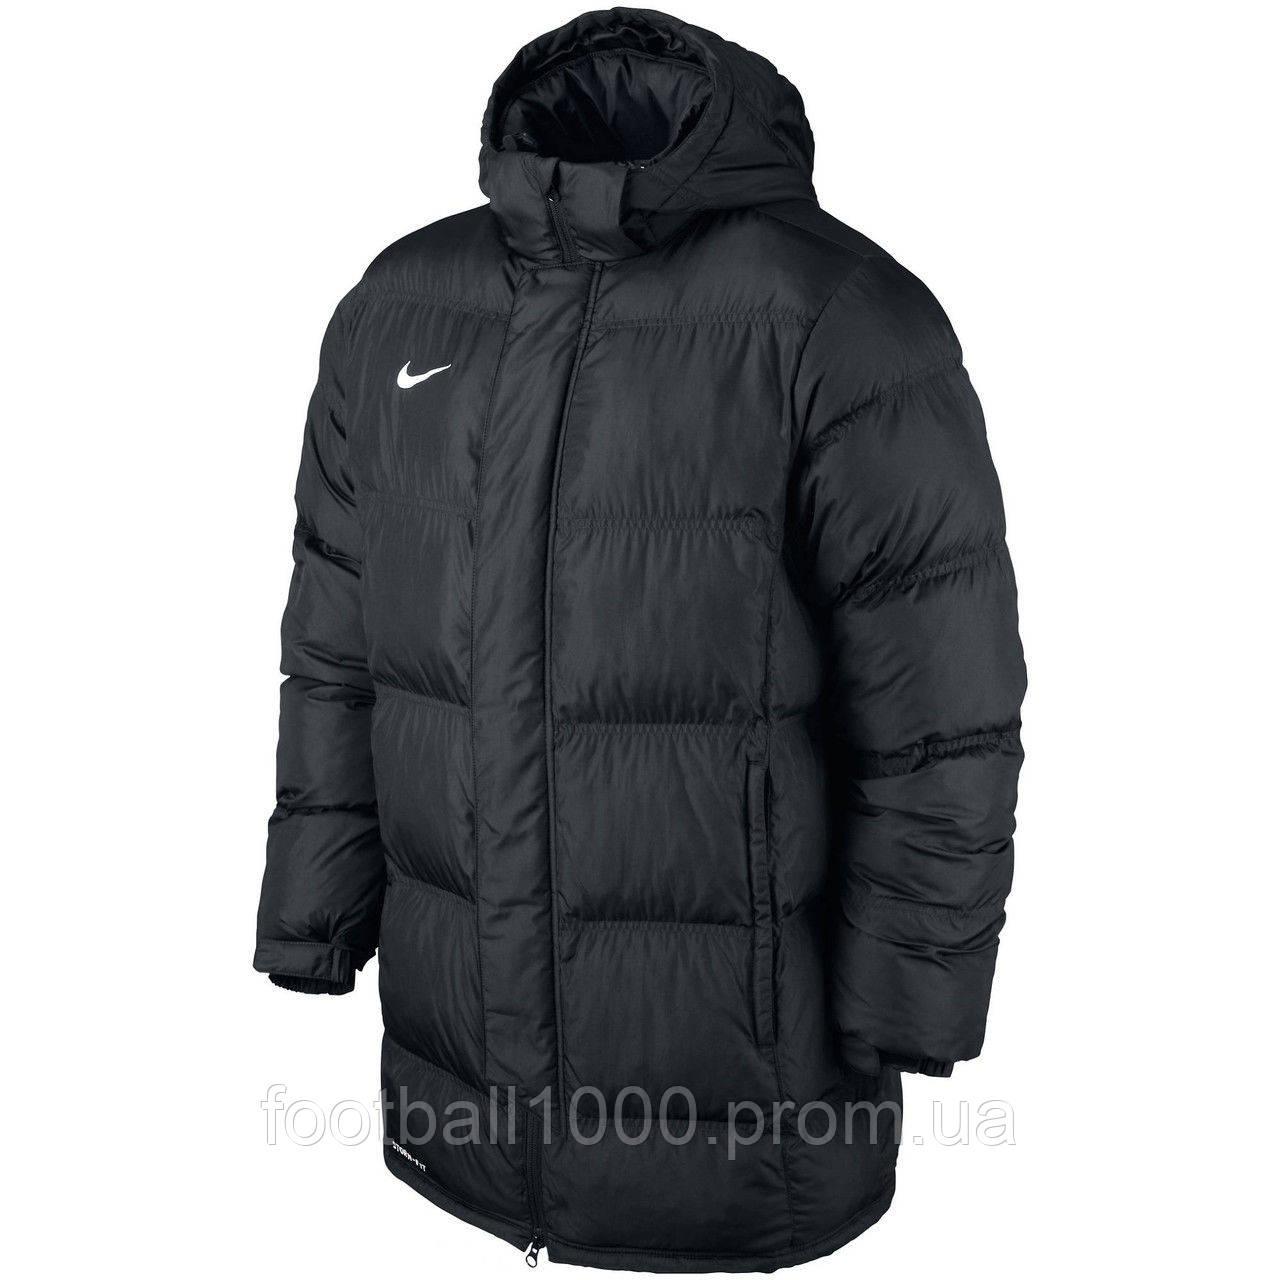 0e12e402 Мужской пуховик Nike Competition 13 Filled Jacket 519069-010 - Gooool.com.ua